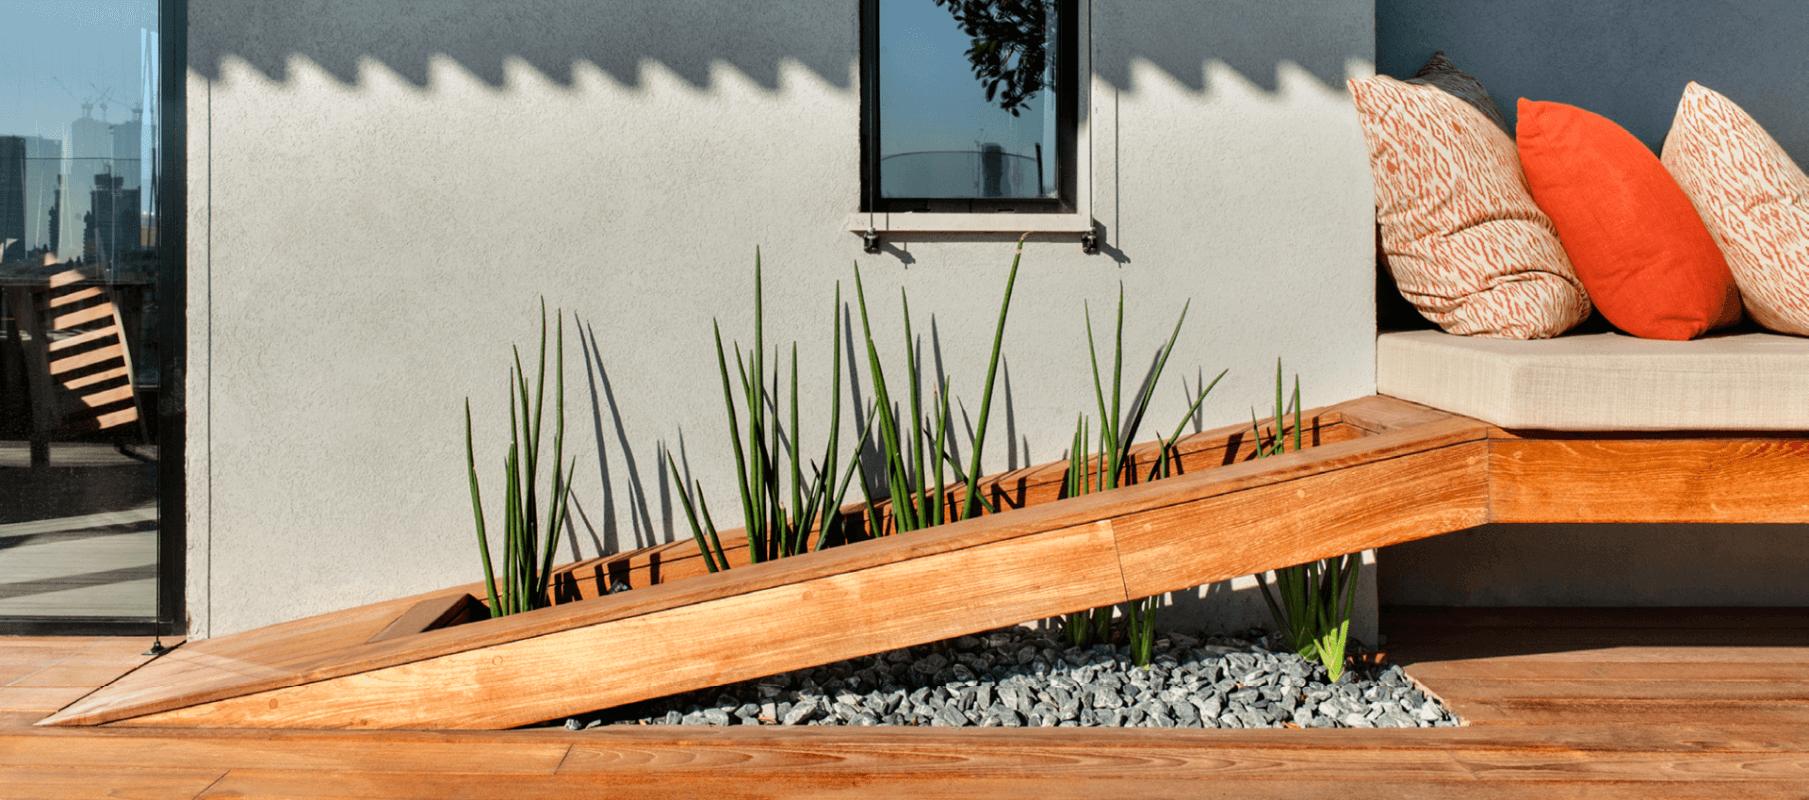 אדנית מיוחדת בגינה על גג